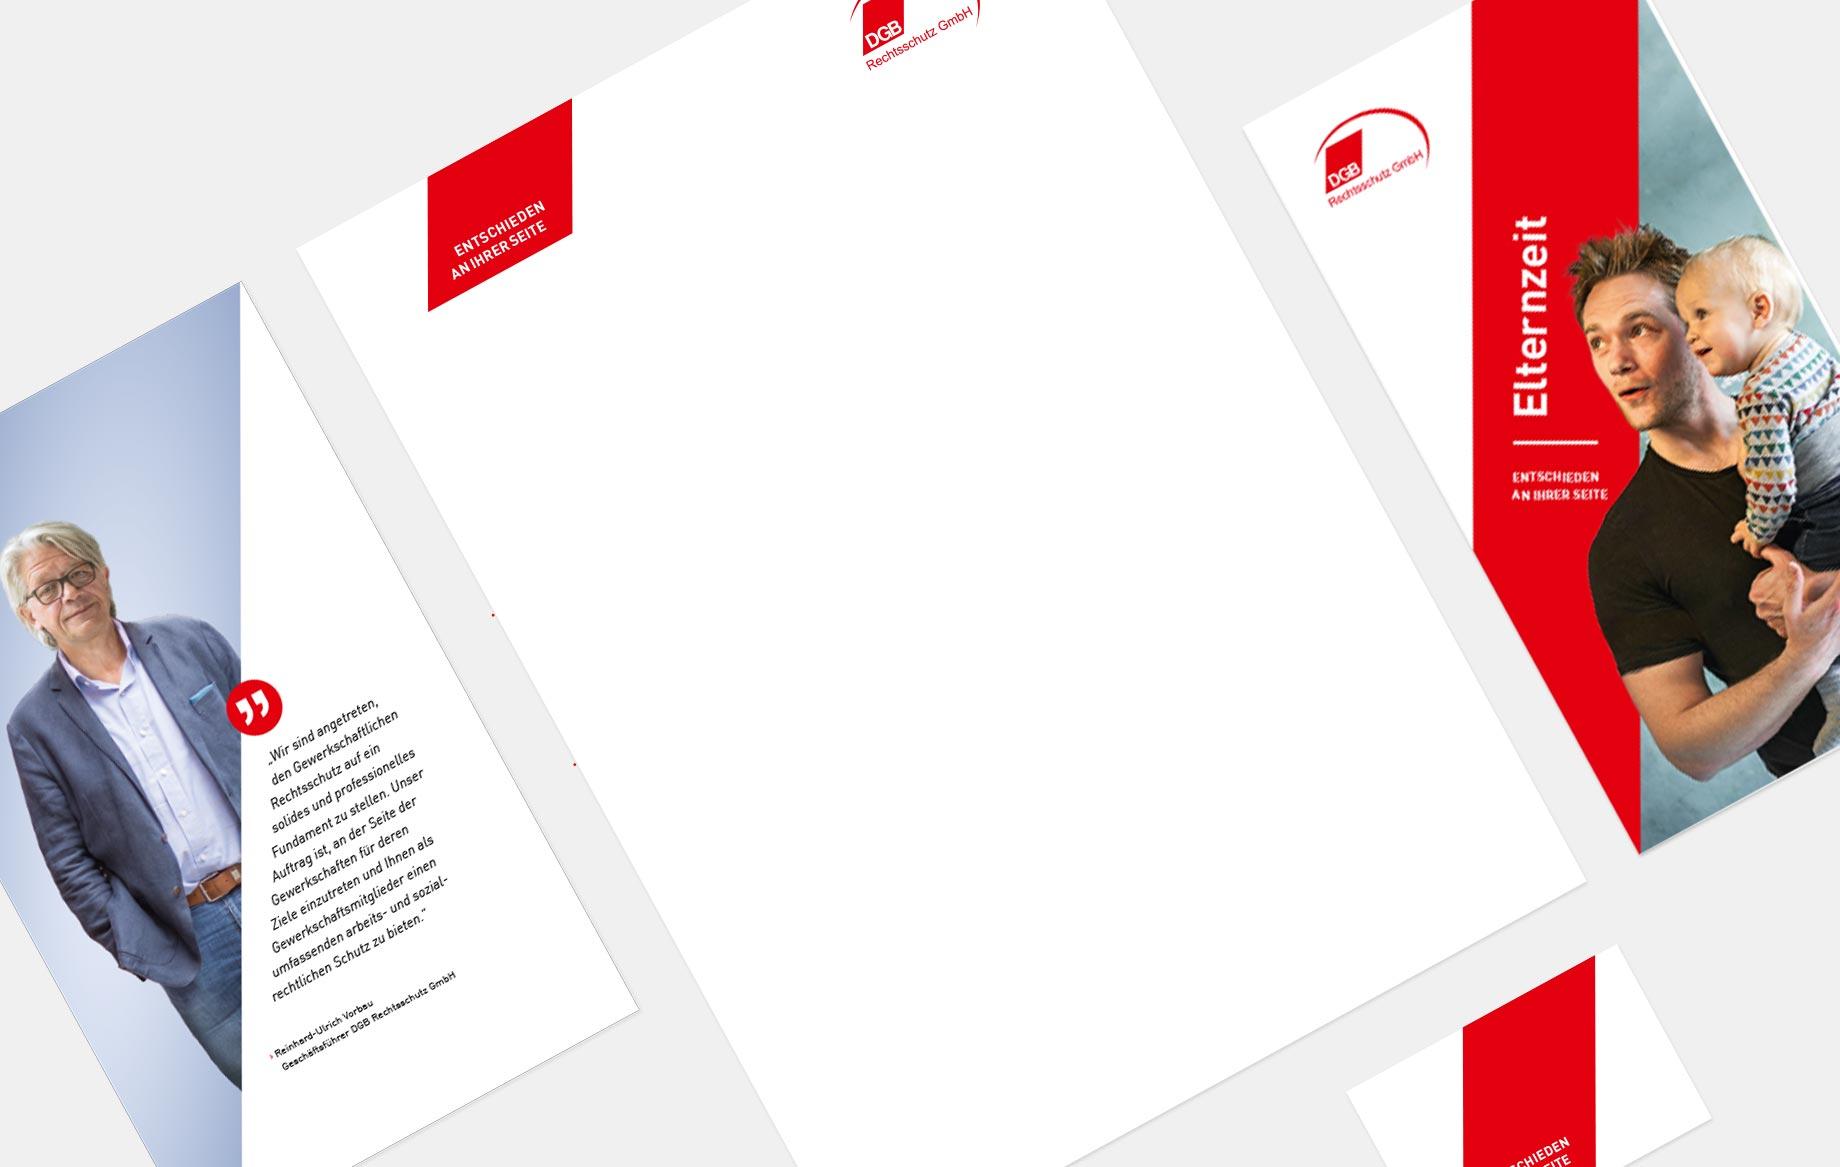 Die Form der Raute aus dem DGB-Logo bestimmt den Charakter des neuen Corporate Designs